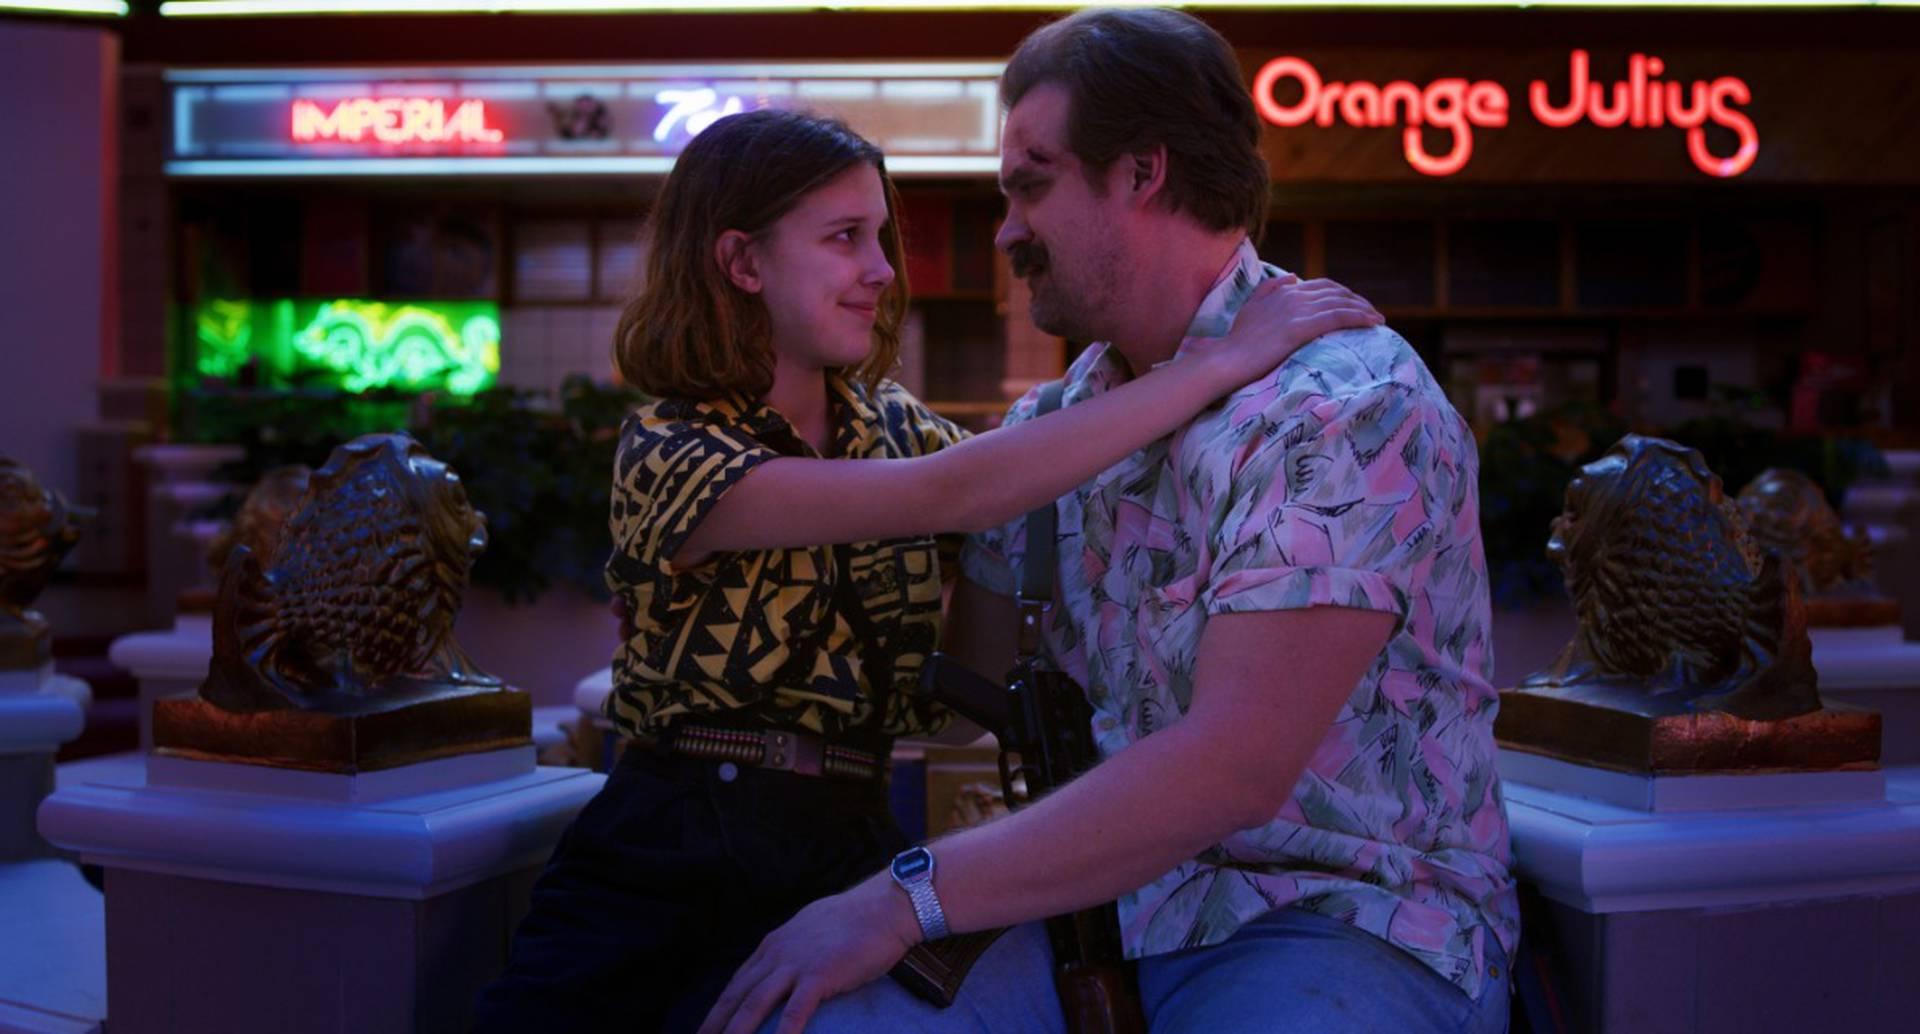 Hopper es uno de los personajes más queridos de la serie, pero aparentemente murió al final de la temporada 3